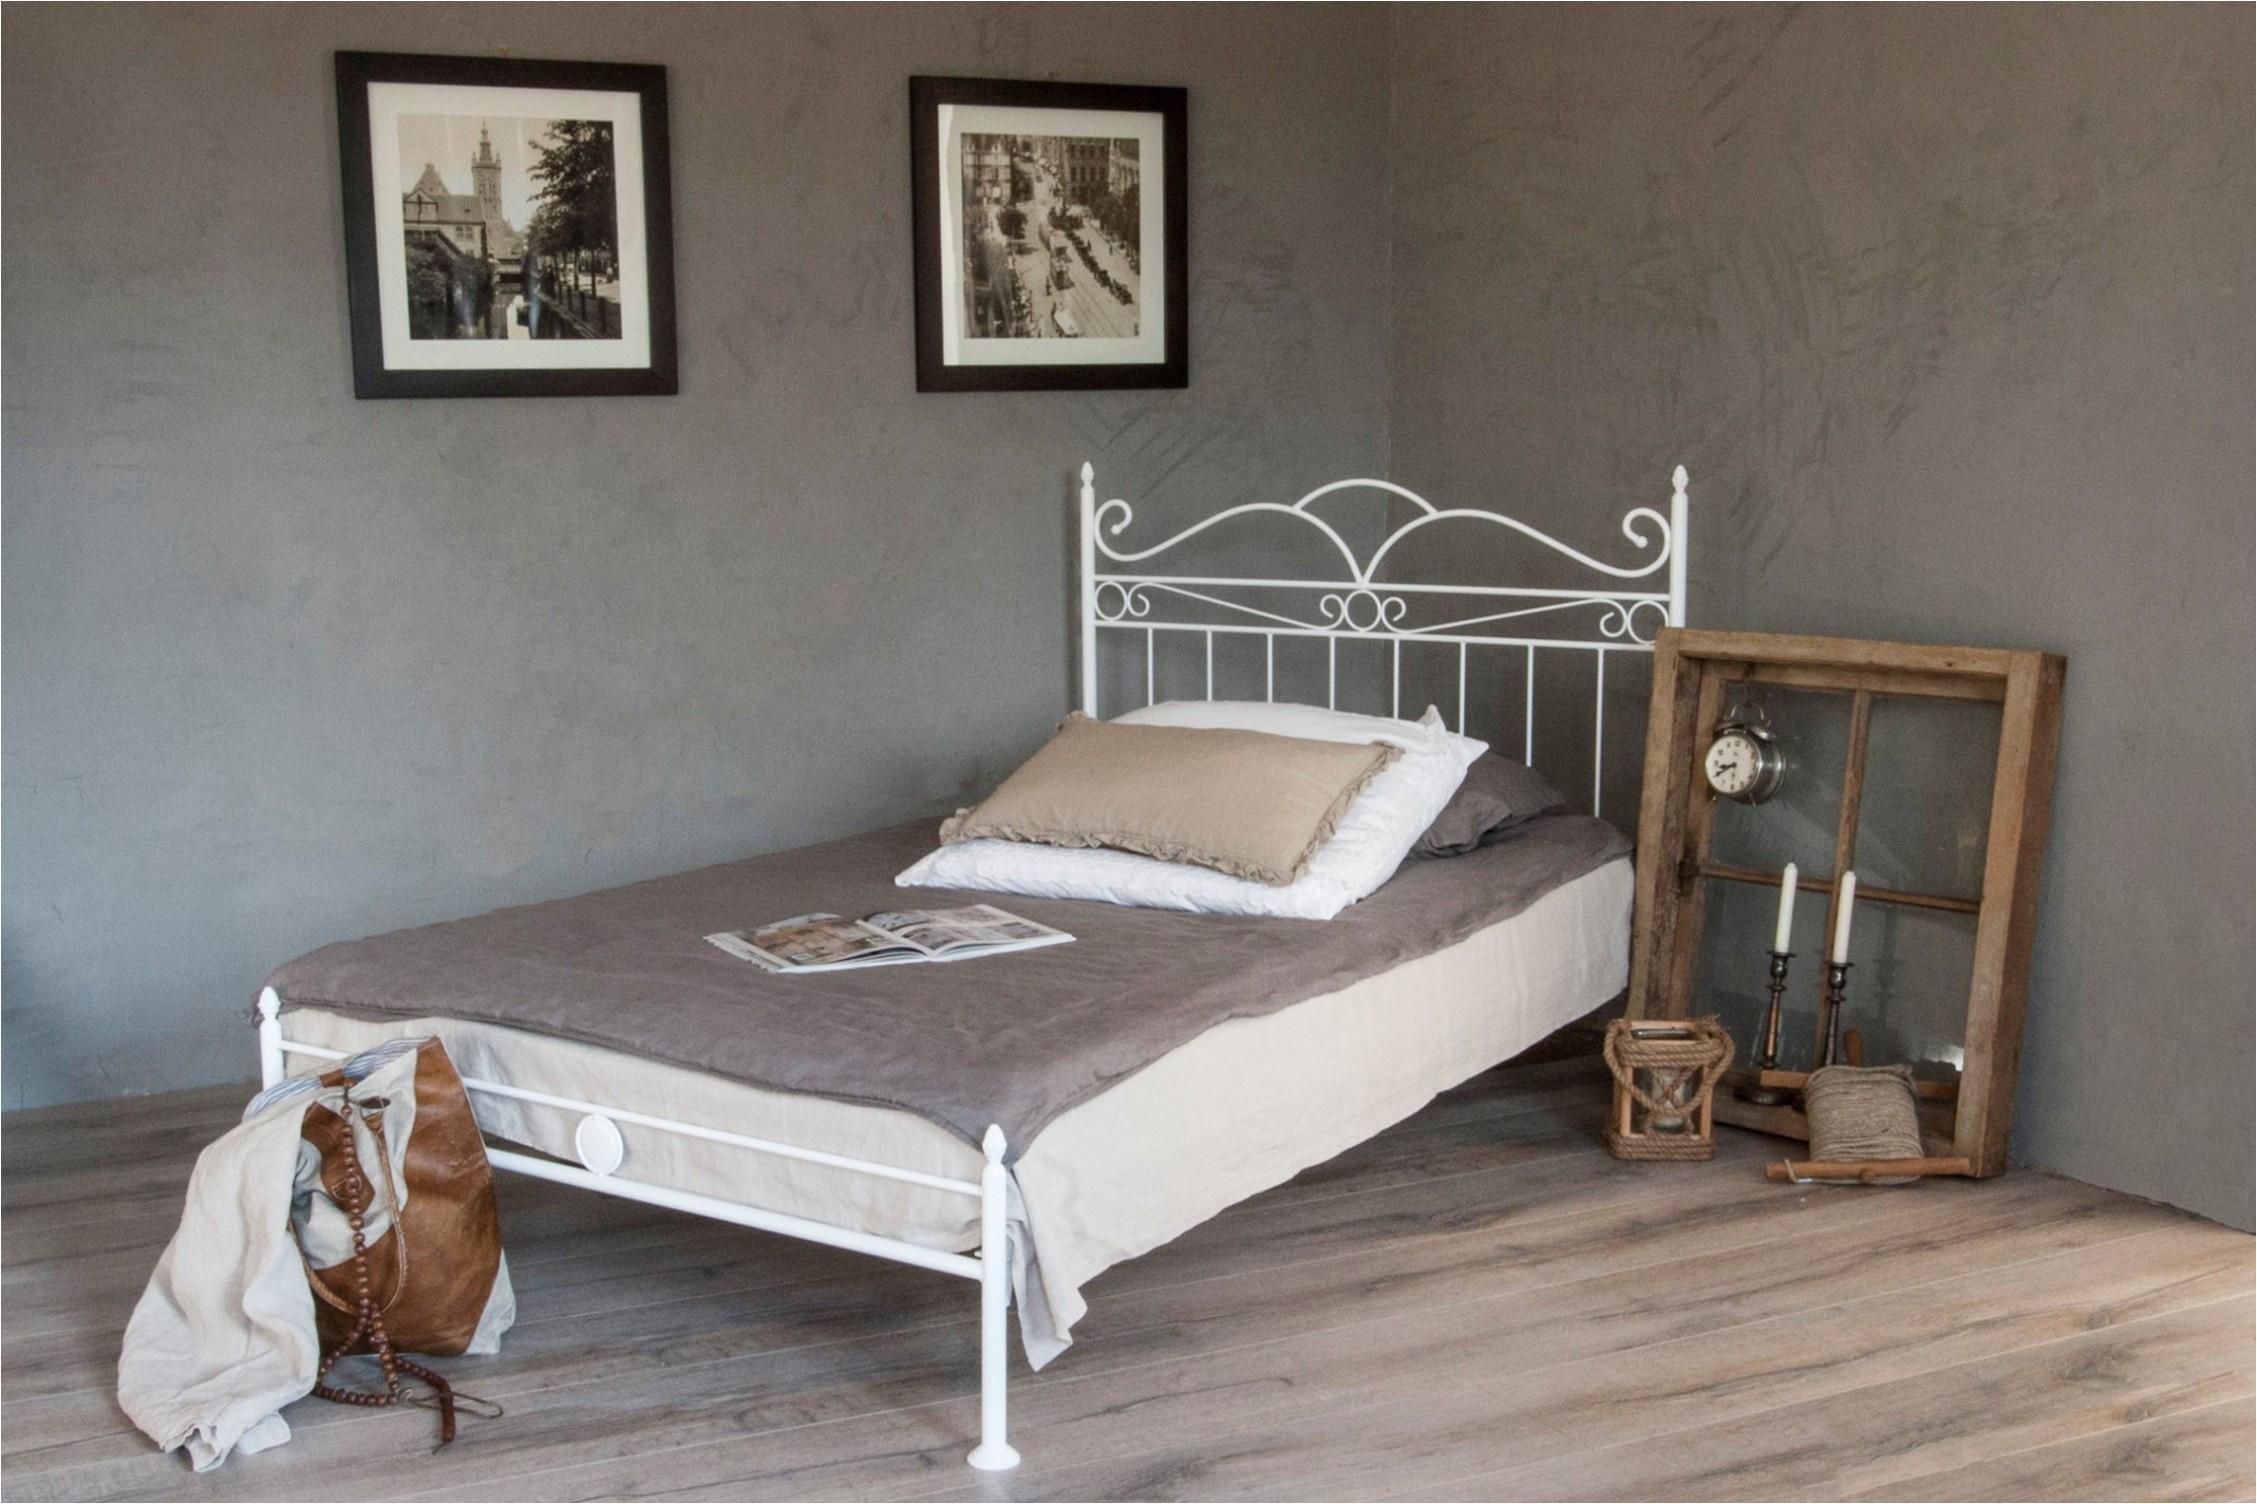 15 bed frame deals